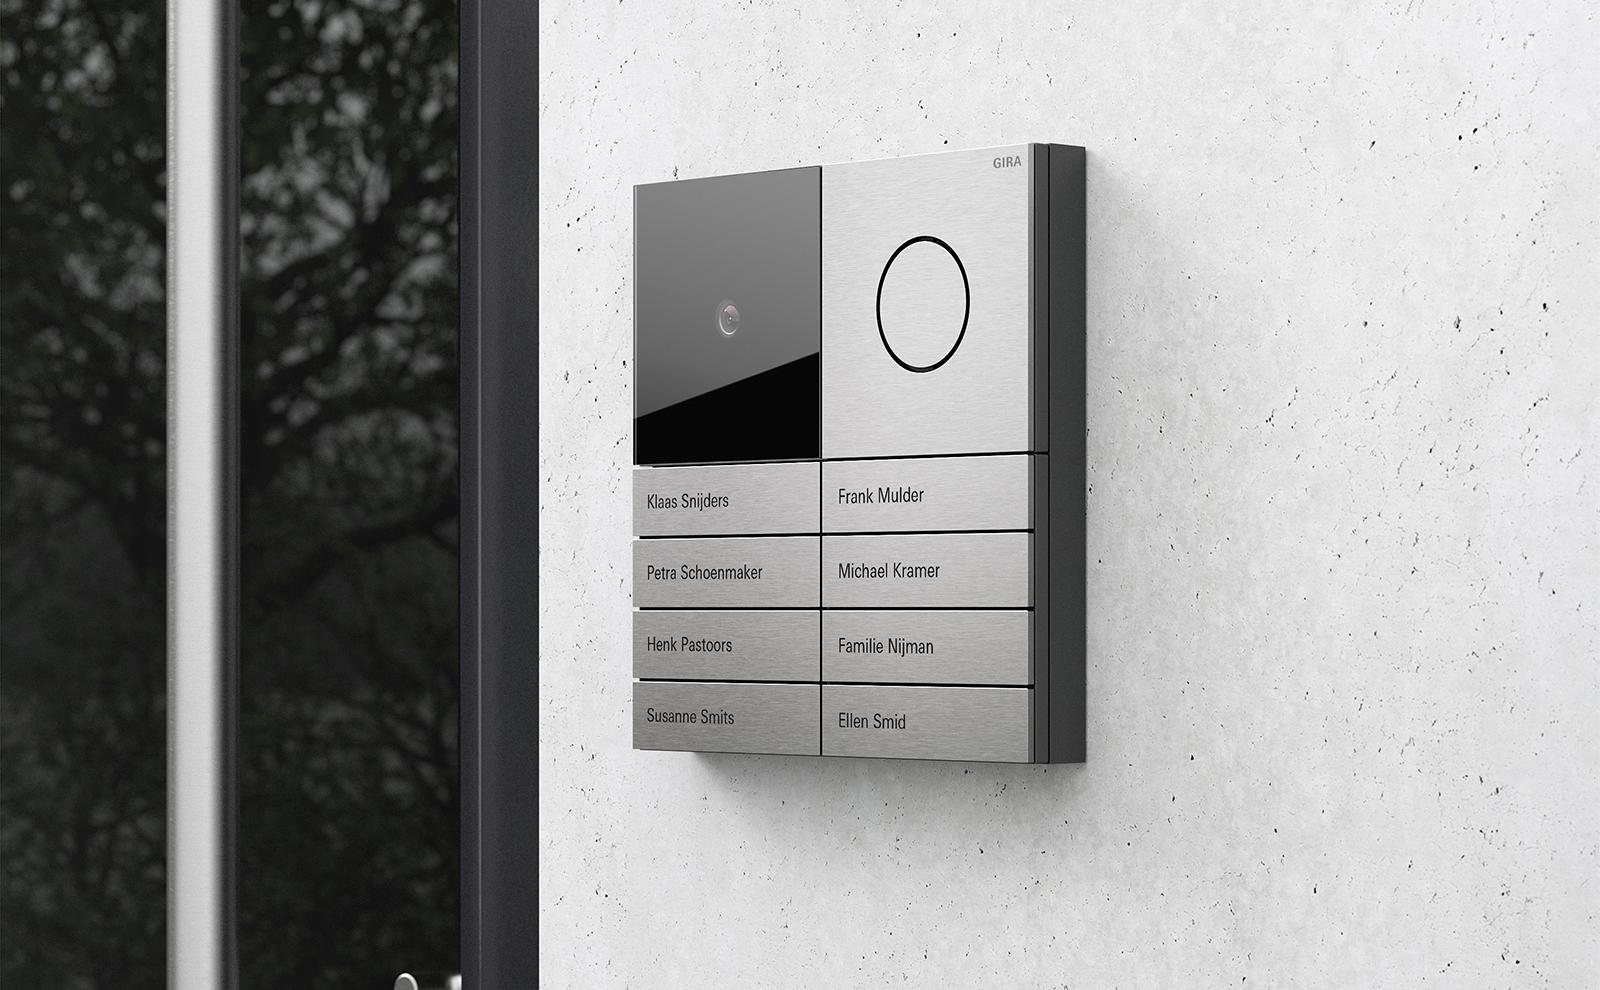 Gira_Systeem in aluminium op de gevel van het huis